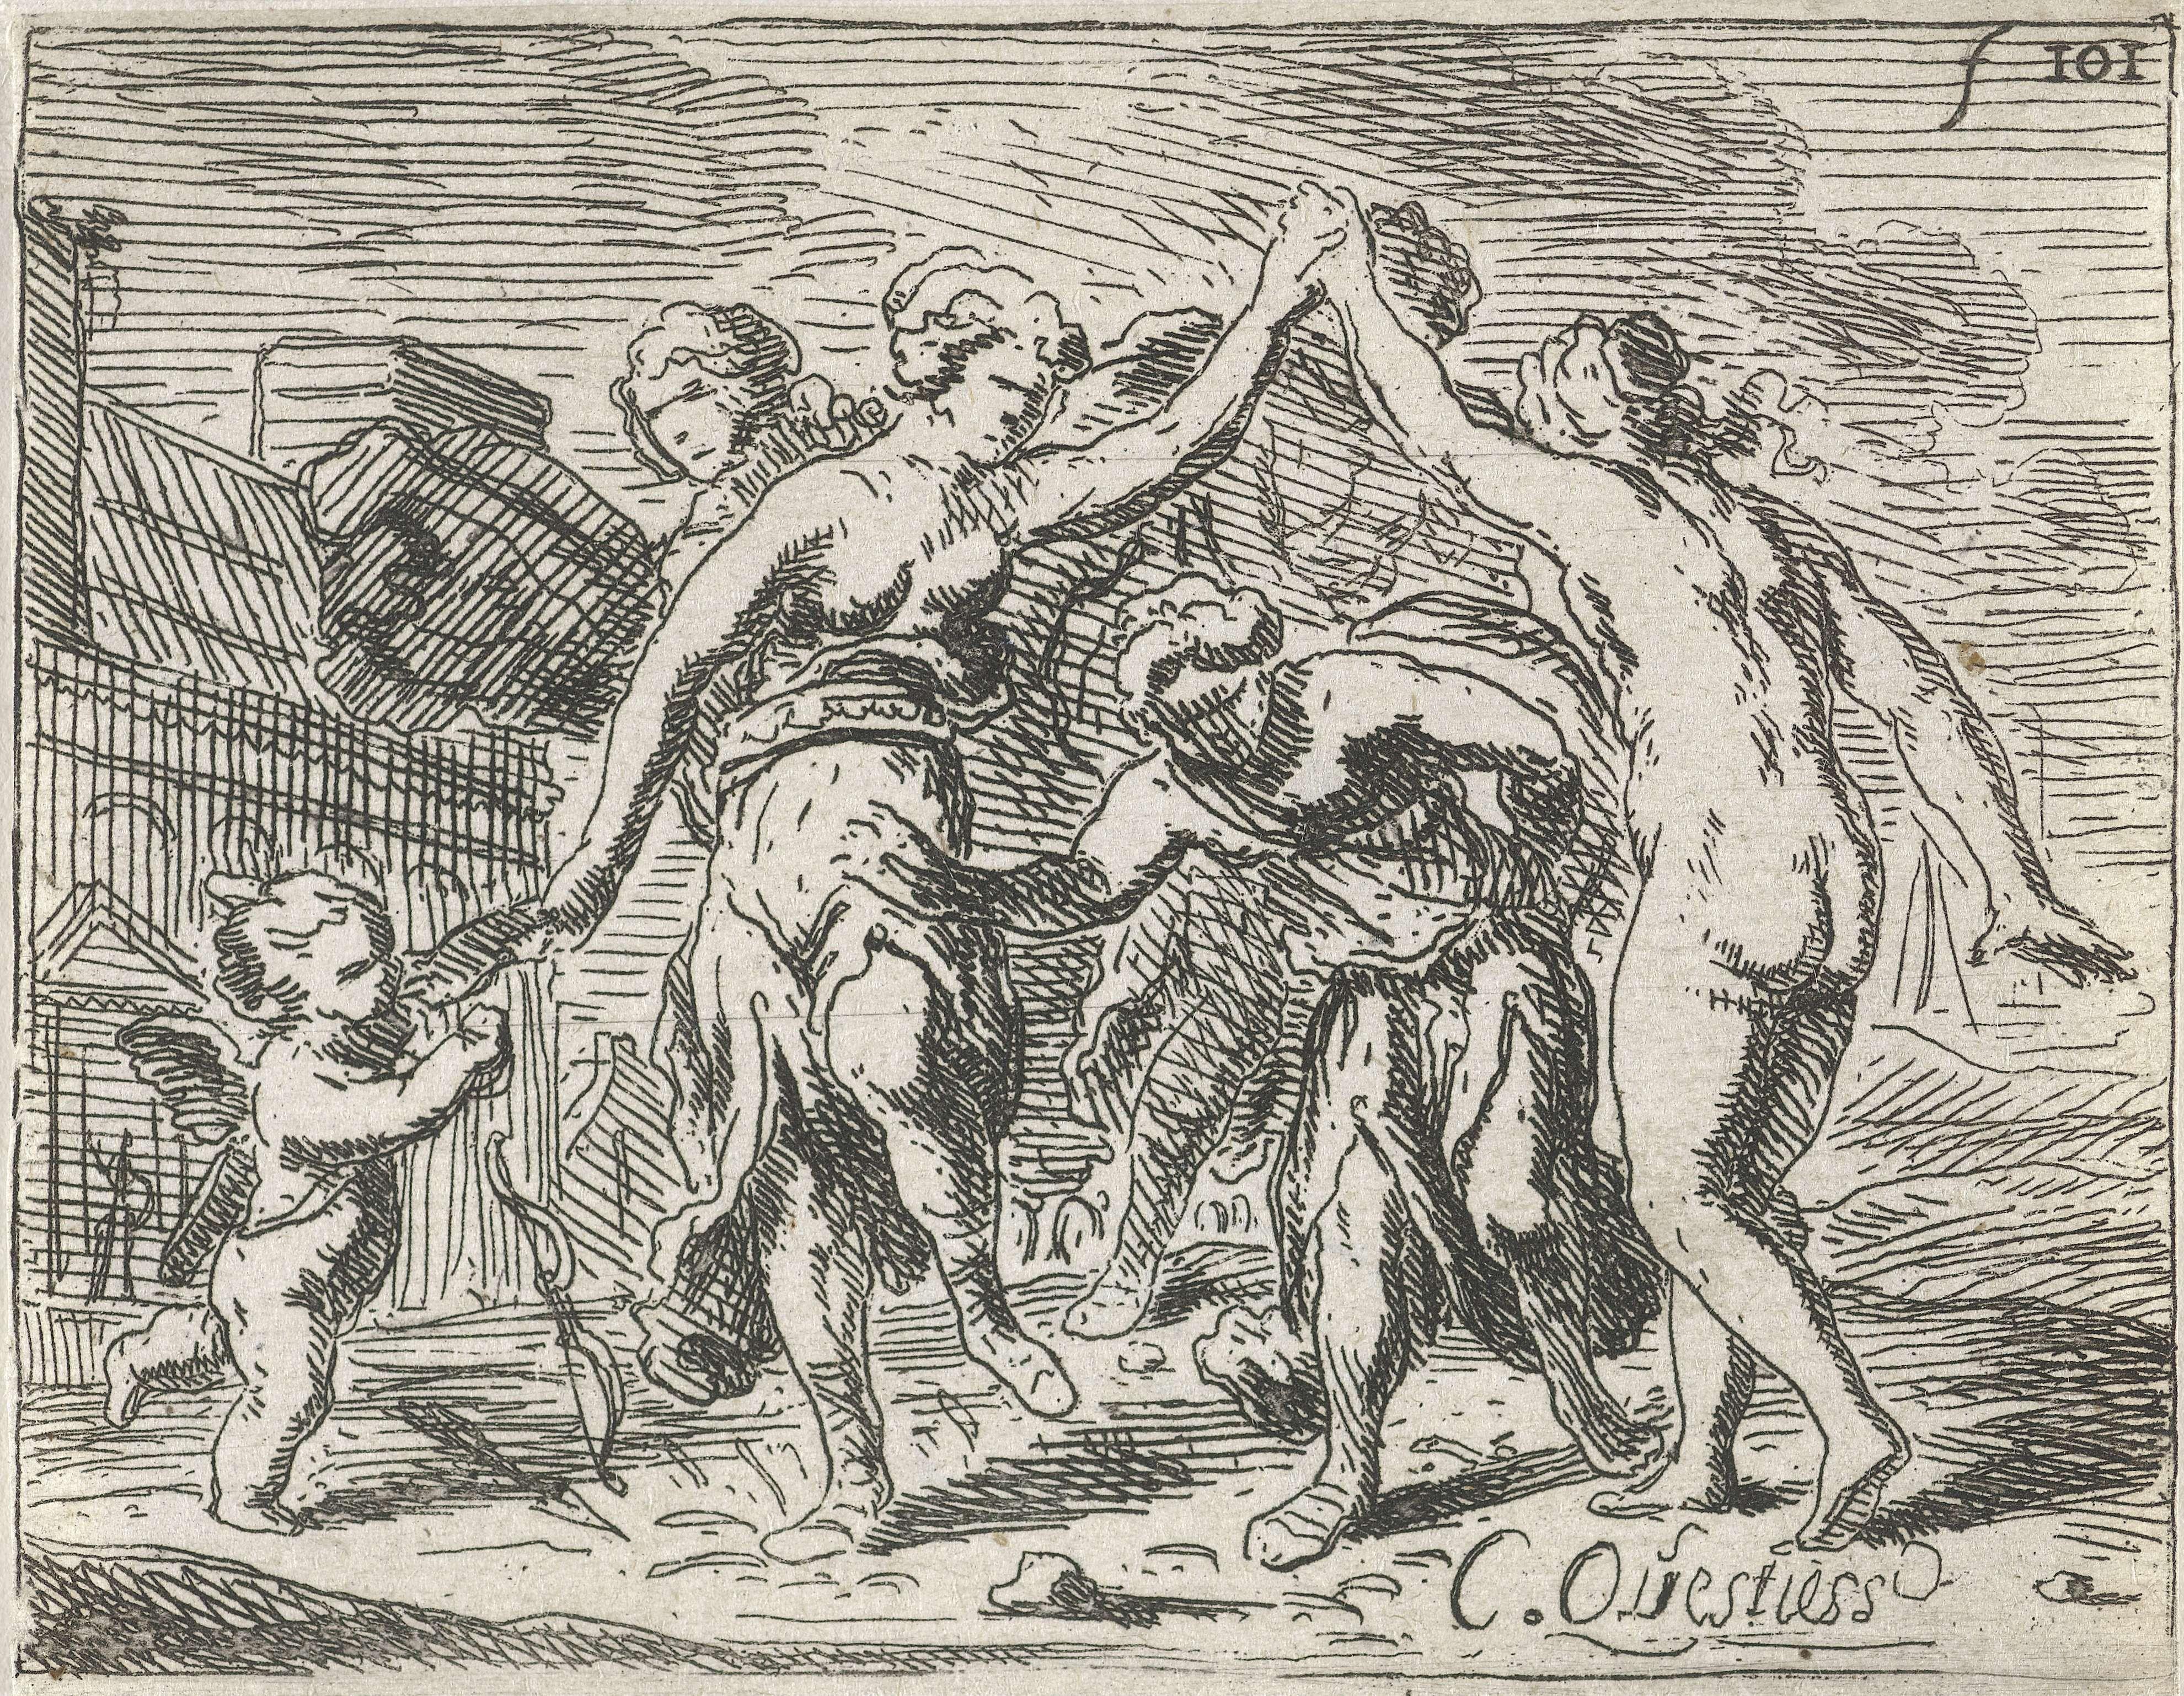 Catharina Questiers   Dansende vrouwen en Amor, Catharina Questiers, 1654   In de buitenlucht dansen een aantal vrouwen. Een van de vrouwen loopt onder de opgeheven armen van twee anderen door. Links danst Amor met zijn boog.